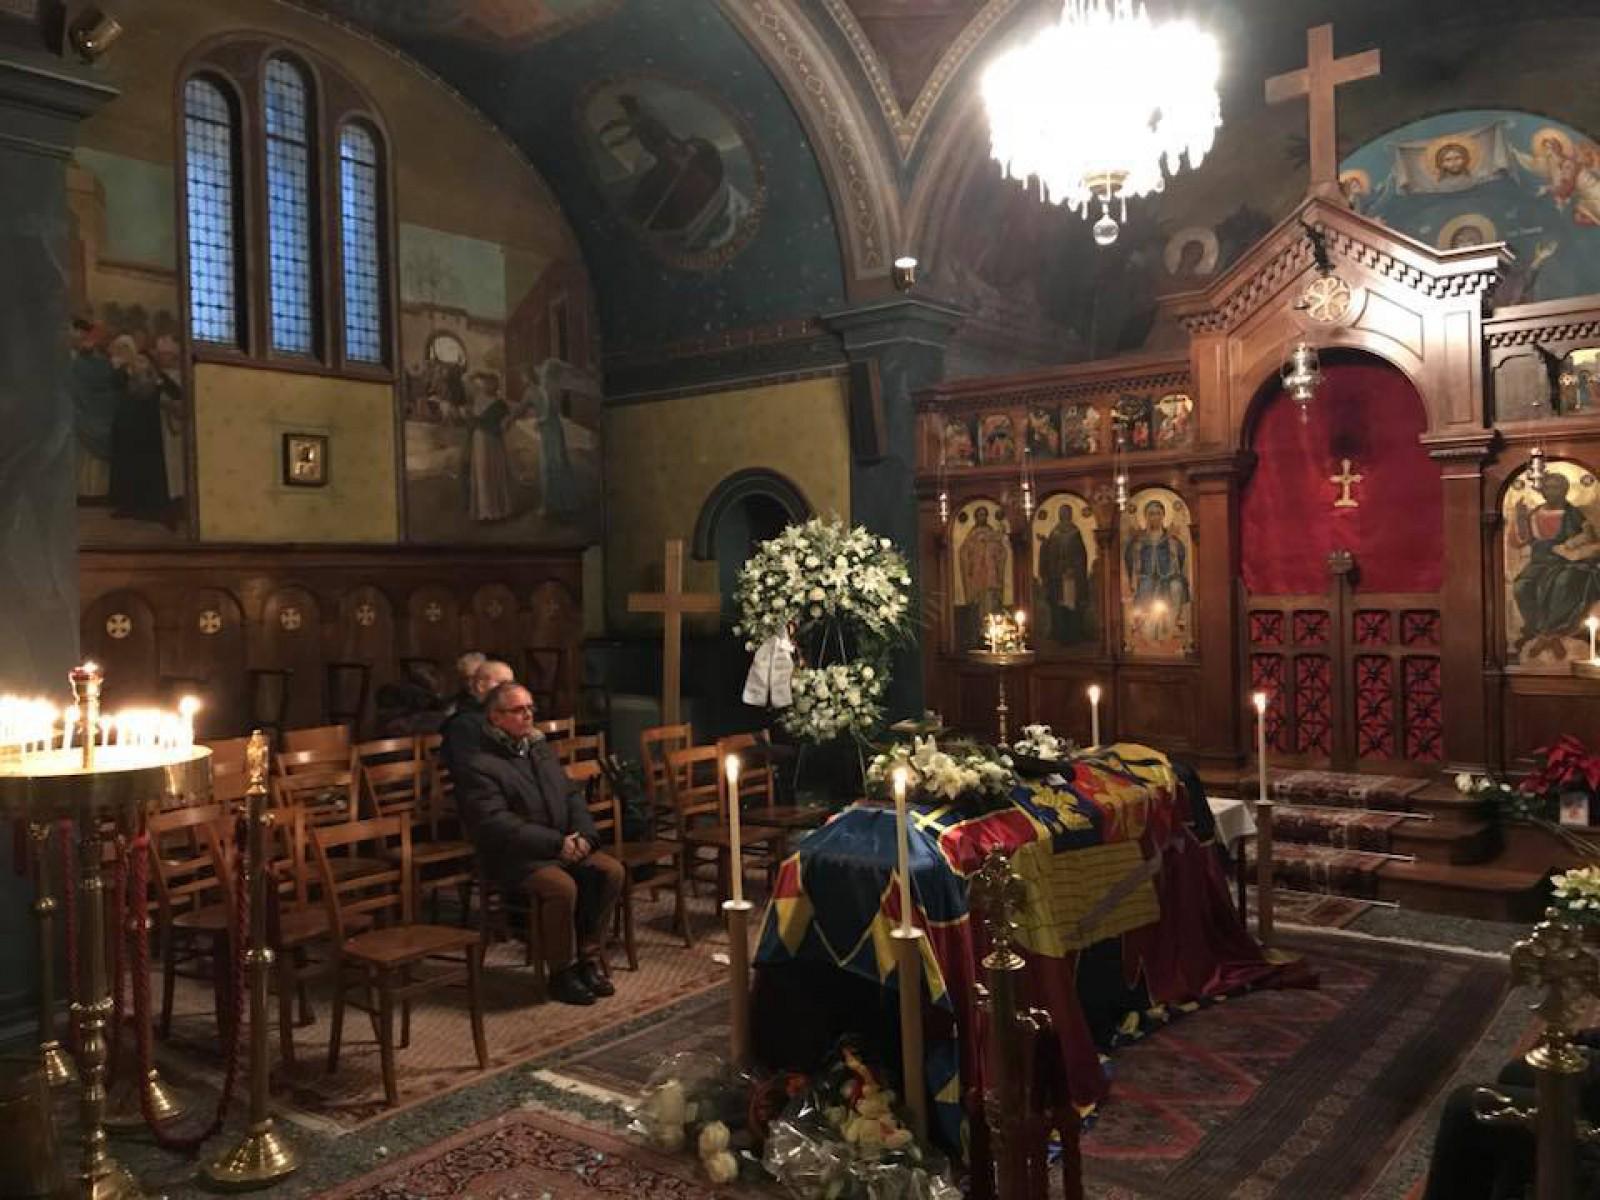 Sicriul Regelui Mihai, lăsat singur înainte și după slujba de la Biserica Ortodoxă din Lausanne: Nu am simţit niciodată atâta singurătate